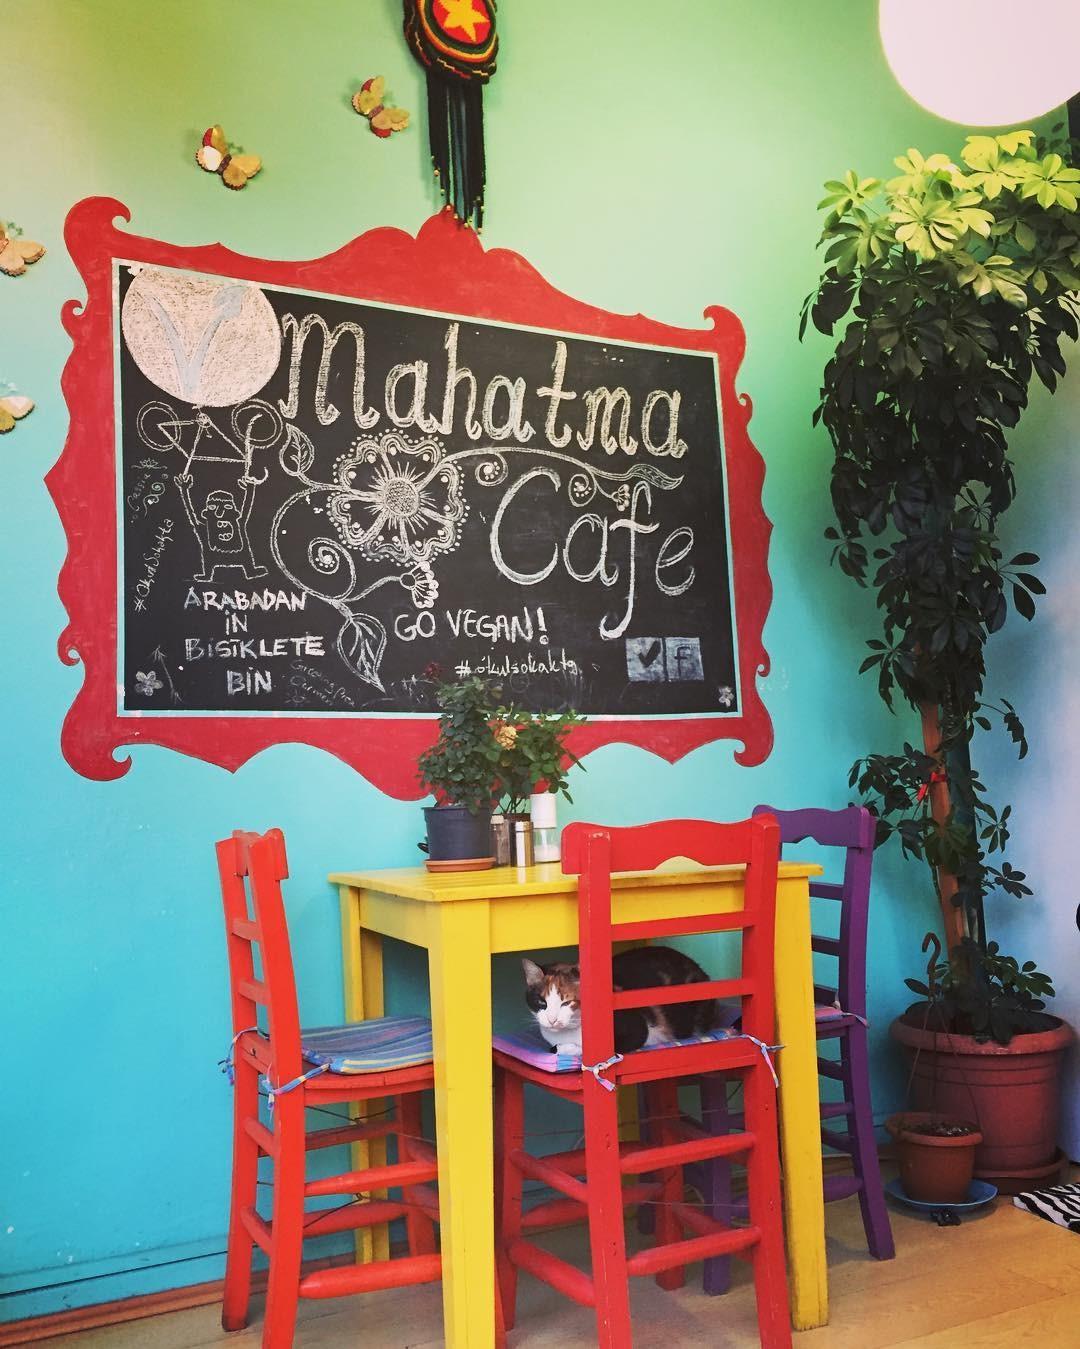 mahatma cafe